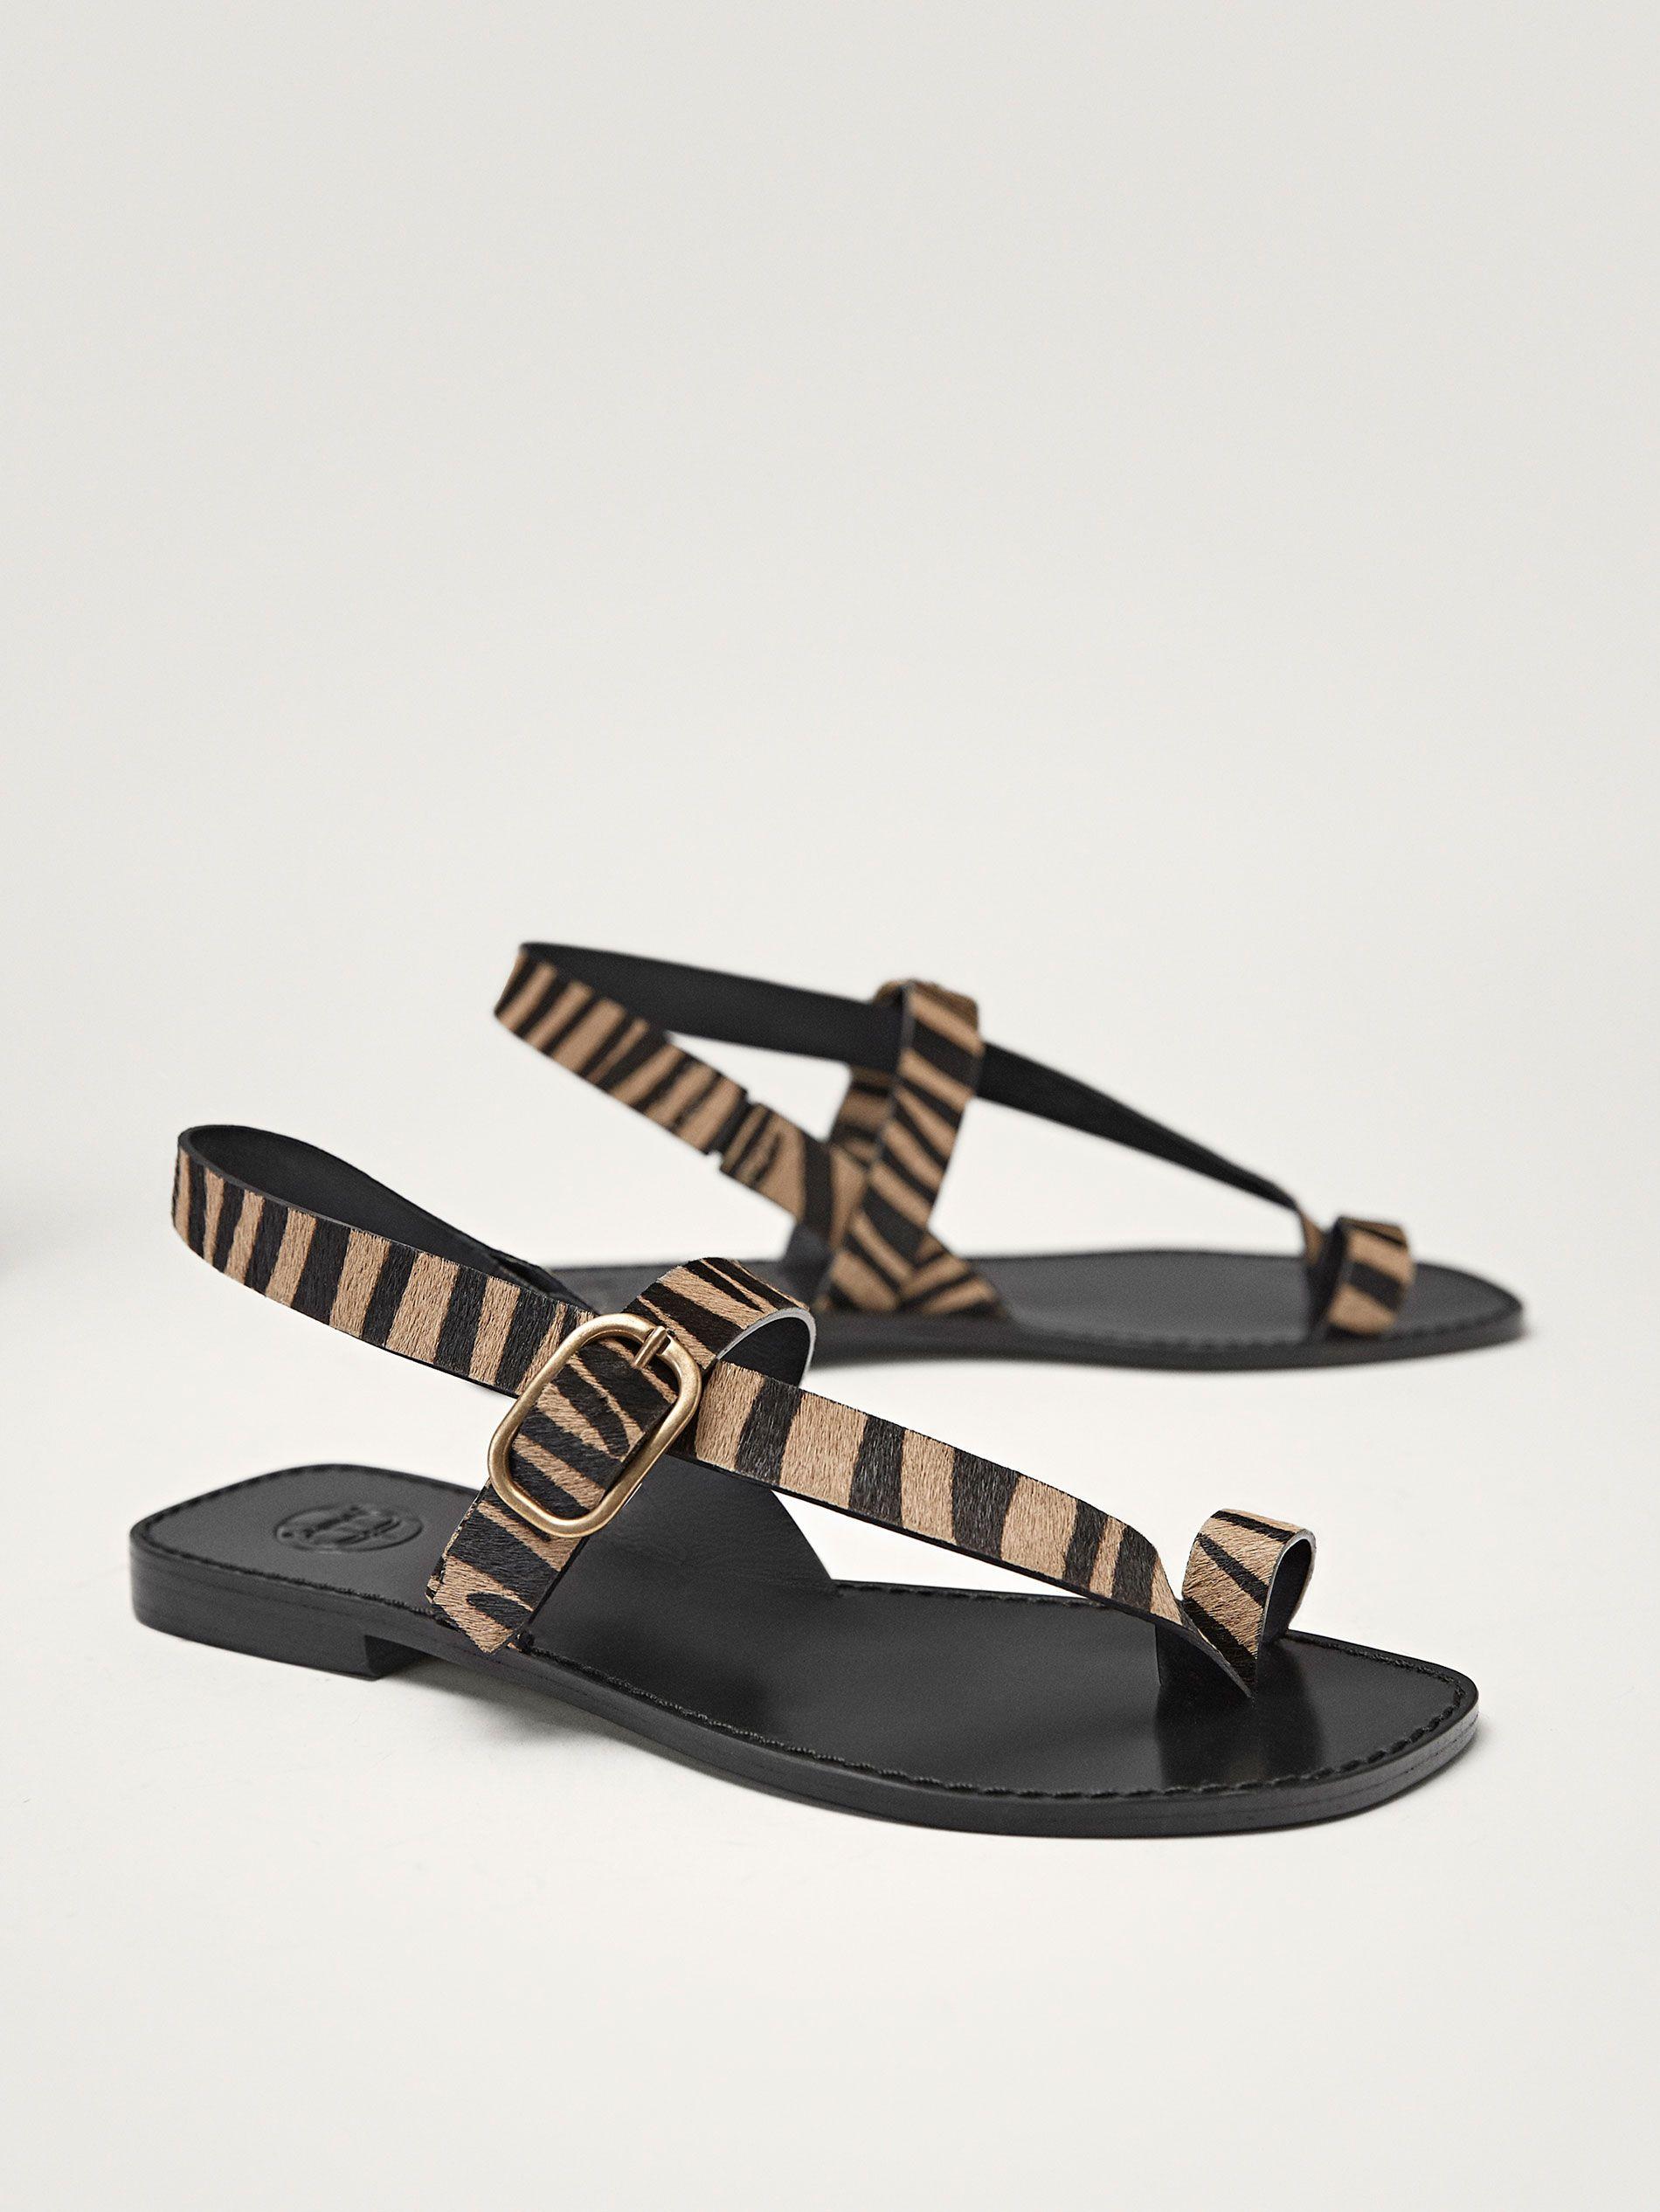 Zebra Desenli Deri Sandalet Kadin Massimo Dutti Bayan Ayakkabi Sandalet Siyah Sandalet